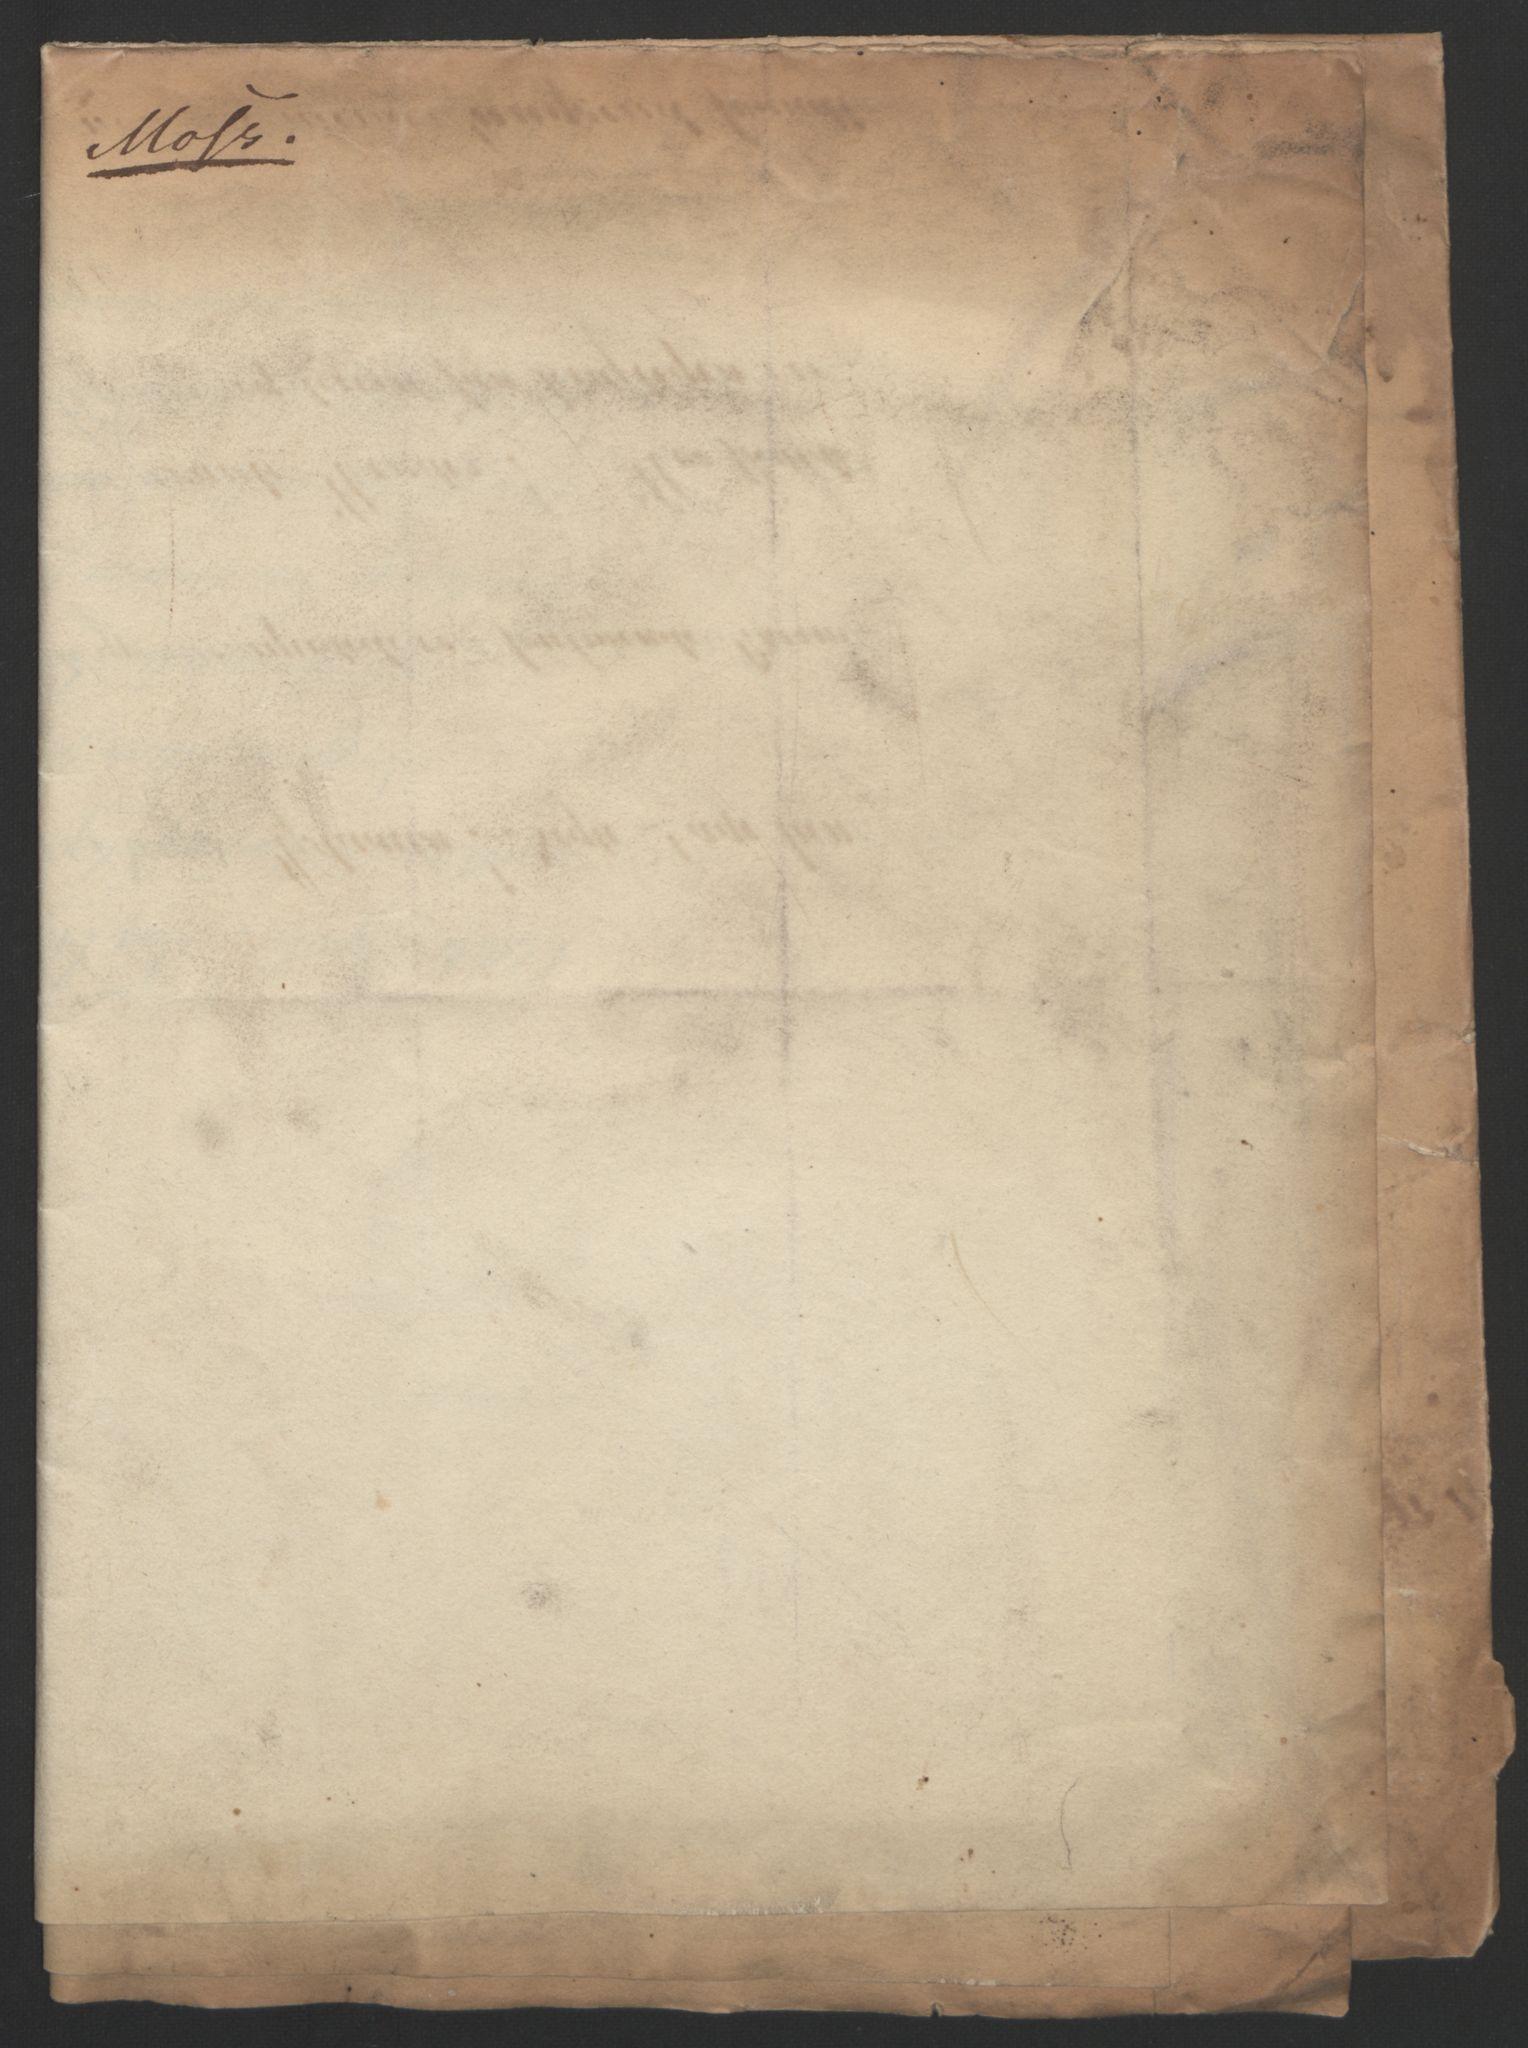 RA, Statsrådssekretariatet, D/Db/L0007: Fullmakter for Eidsvollsrepresentantene i 1814. , 1814, s. 33